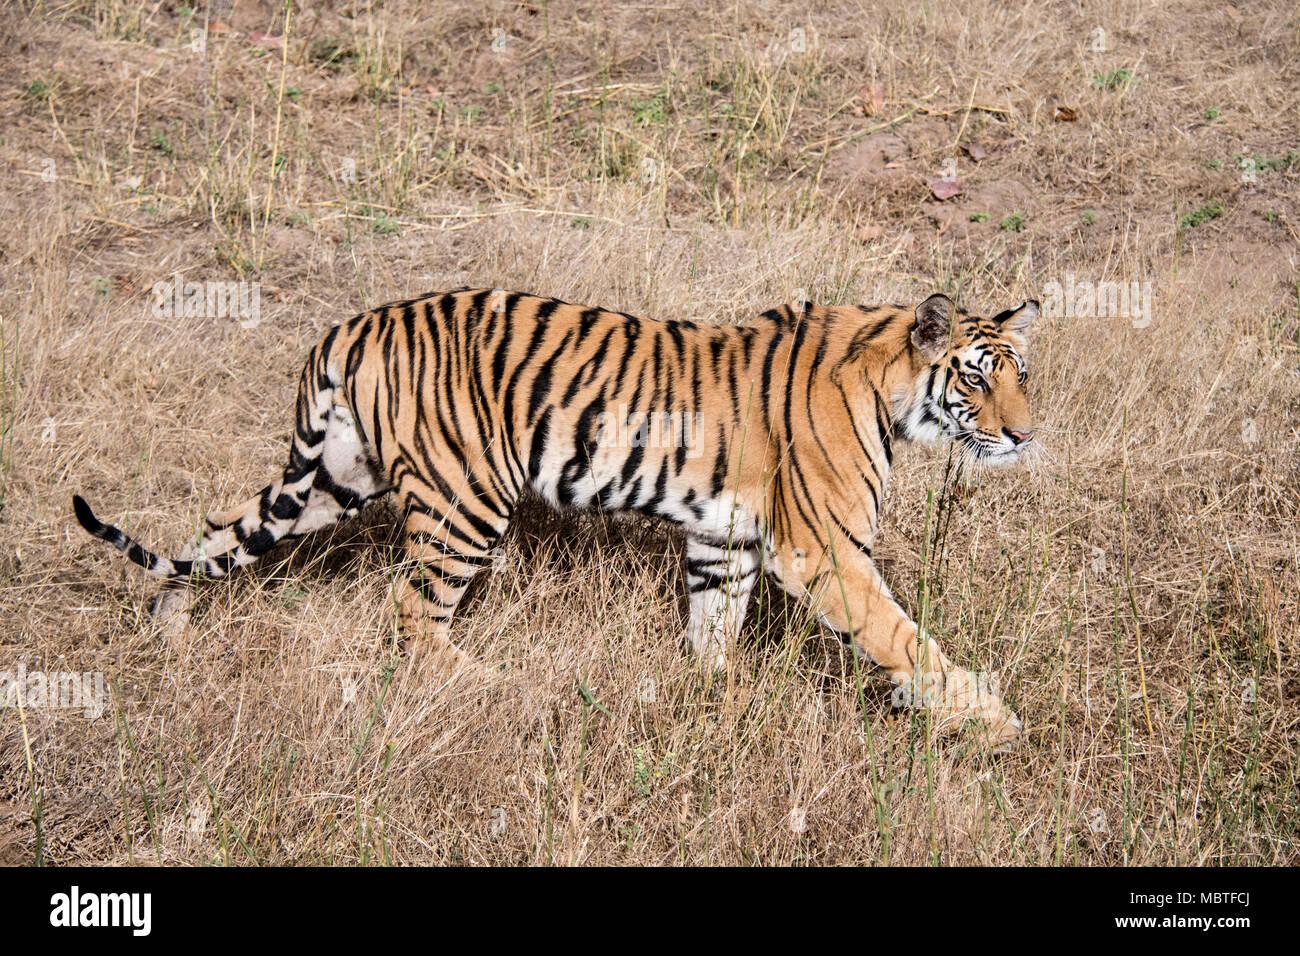 Zwei Jahre alten männlichen Bengal Tiger, Panthera tigris Tigris, Seitenansicht, volle Länge, Wandern im Bandhavgarh Tiger Reserve, Madhya Pradesh, Indien Stockbild